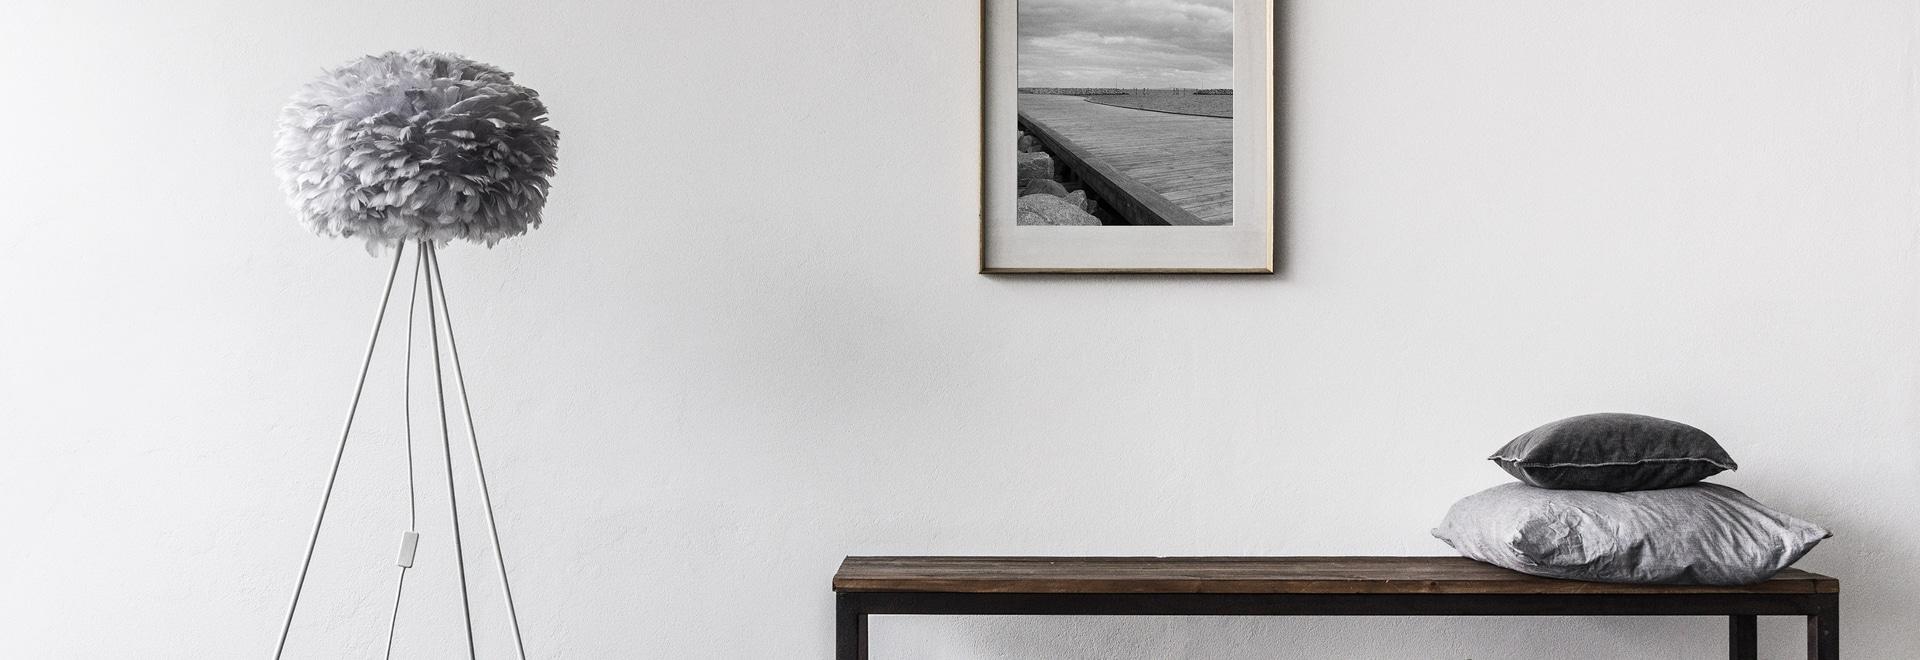 VITA Eos light grey – one shade of grey, many shades of beauty